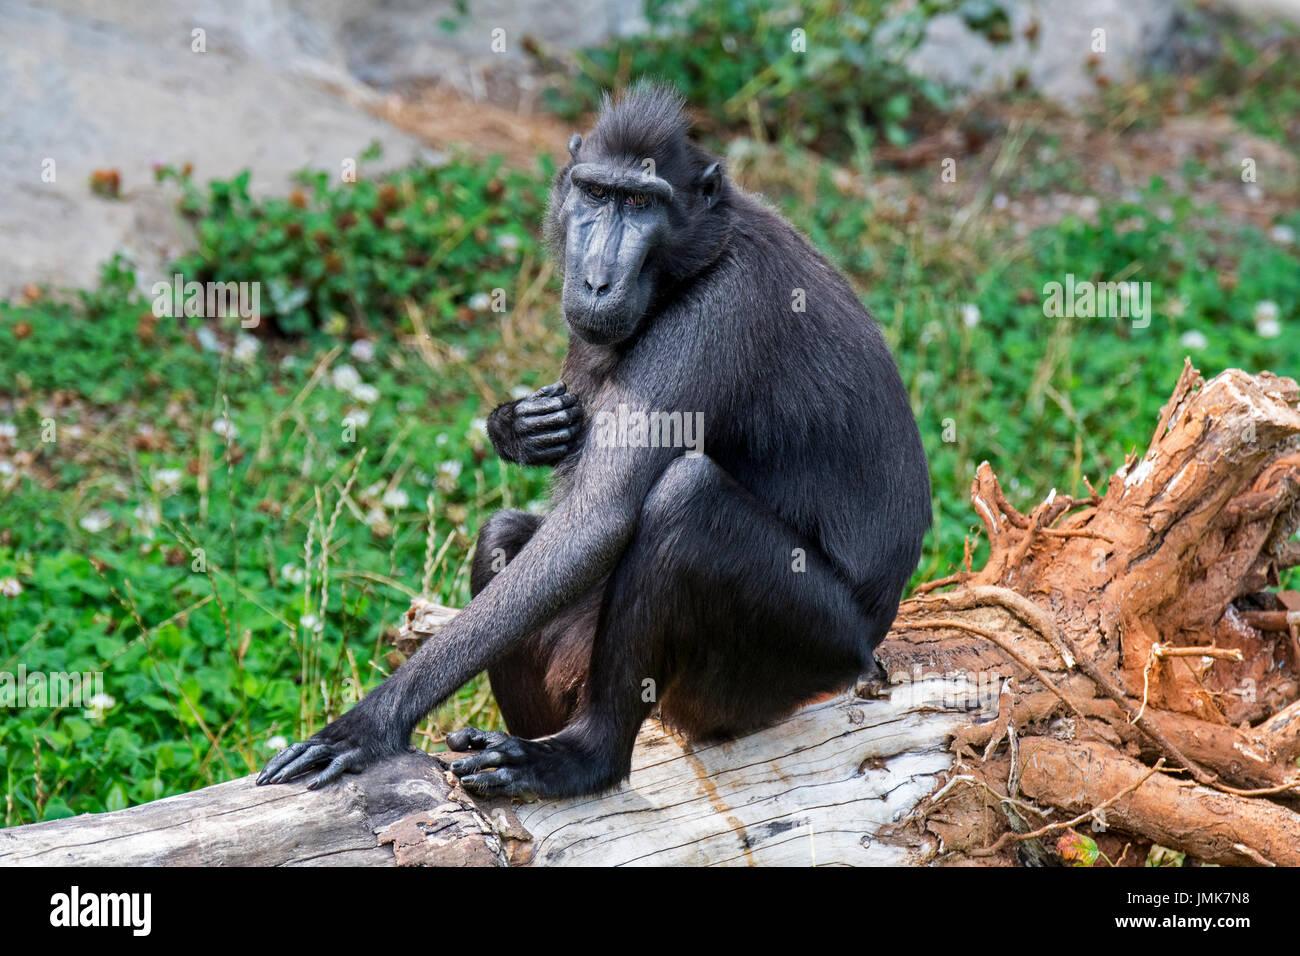 Celebes crested Macaque / crested schwarz Makaken / Sulawesi crested Macaque / schwarze Affen (Macaca Nigra) in der indonesischen Insel Sulawesi heimisch Stockbild